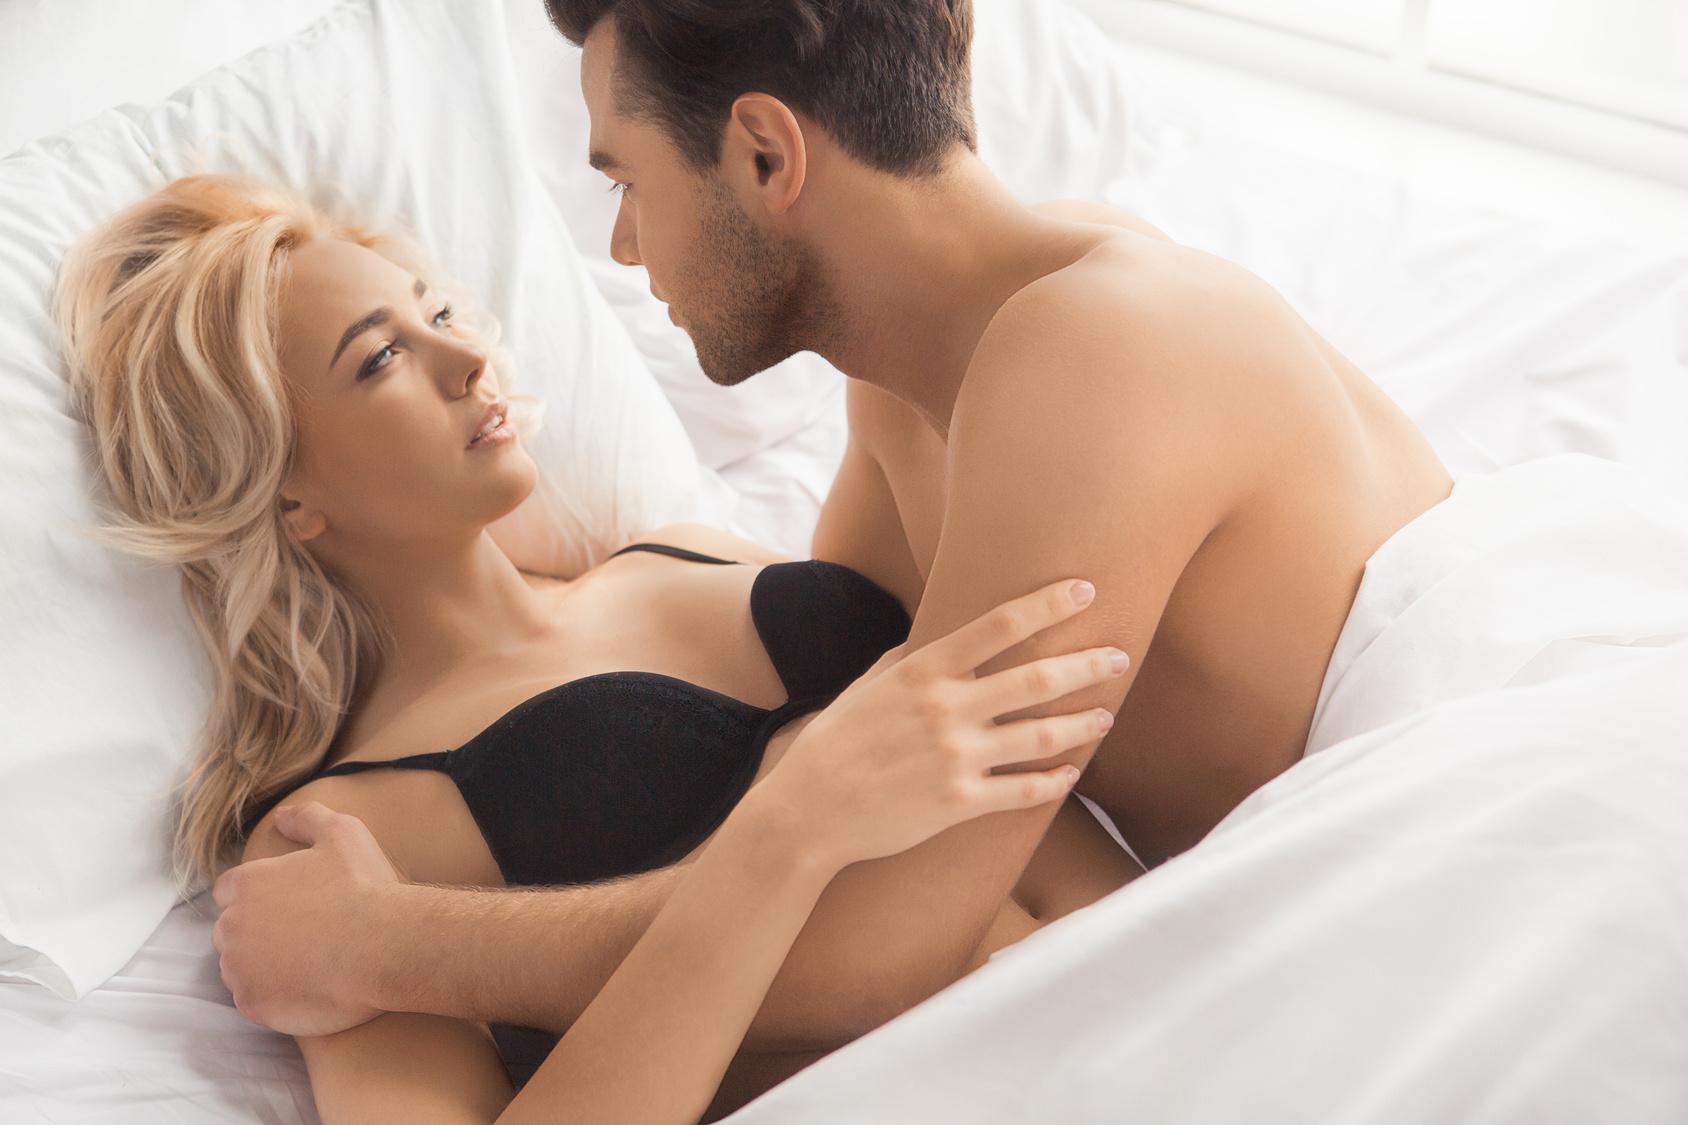 Durchschnitt sexualpartner mann